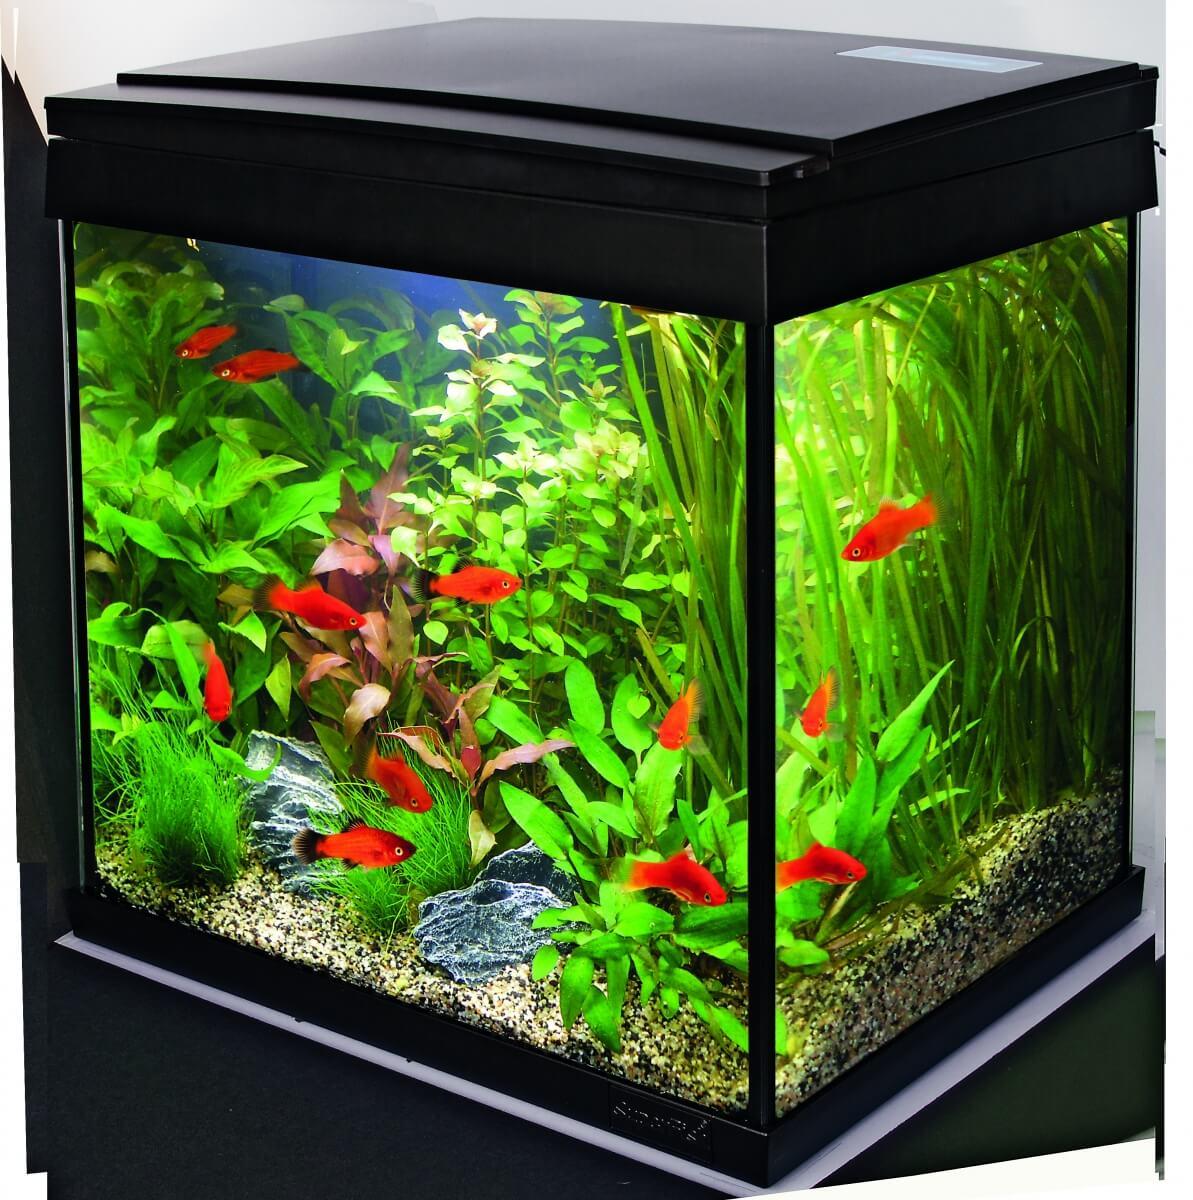 Aquarium 40 litres combien de poissons - Aquarium 350 litres complet meuble et poissons ...